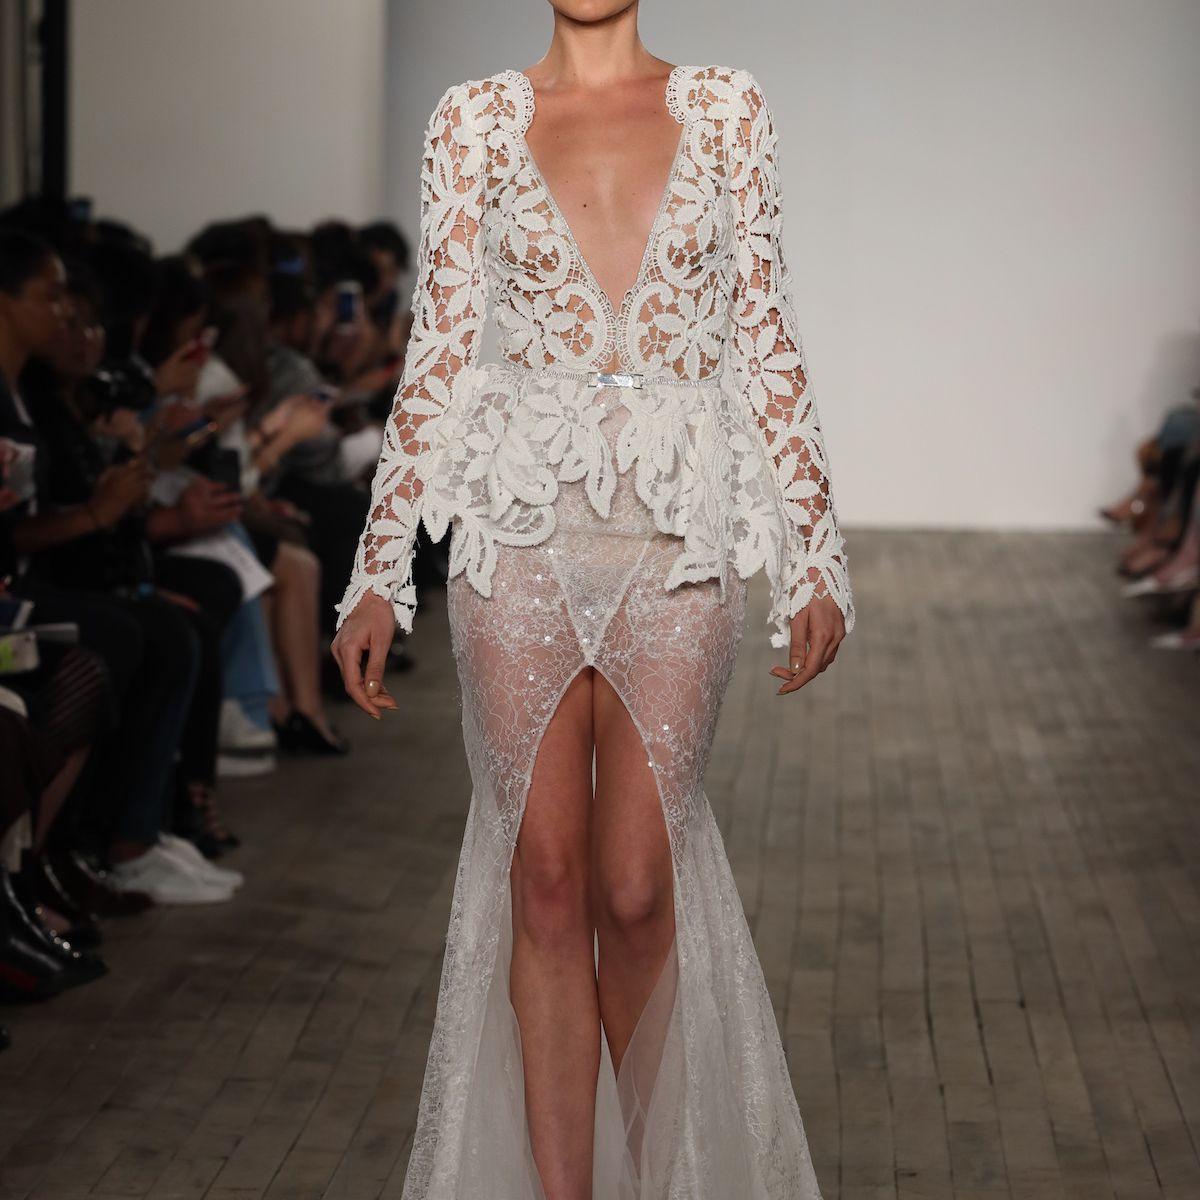 Model in crochet lace mermaid wedding dress